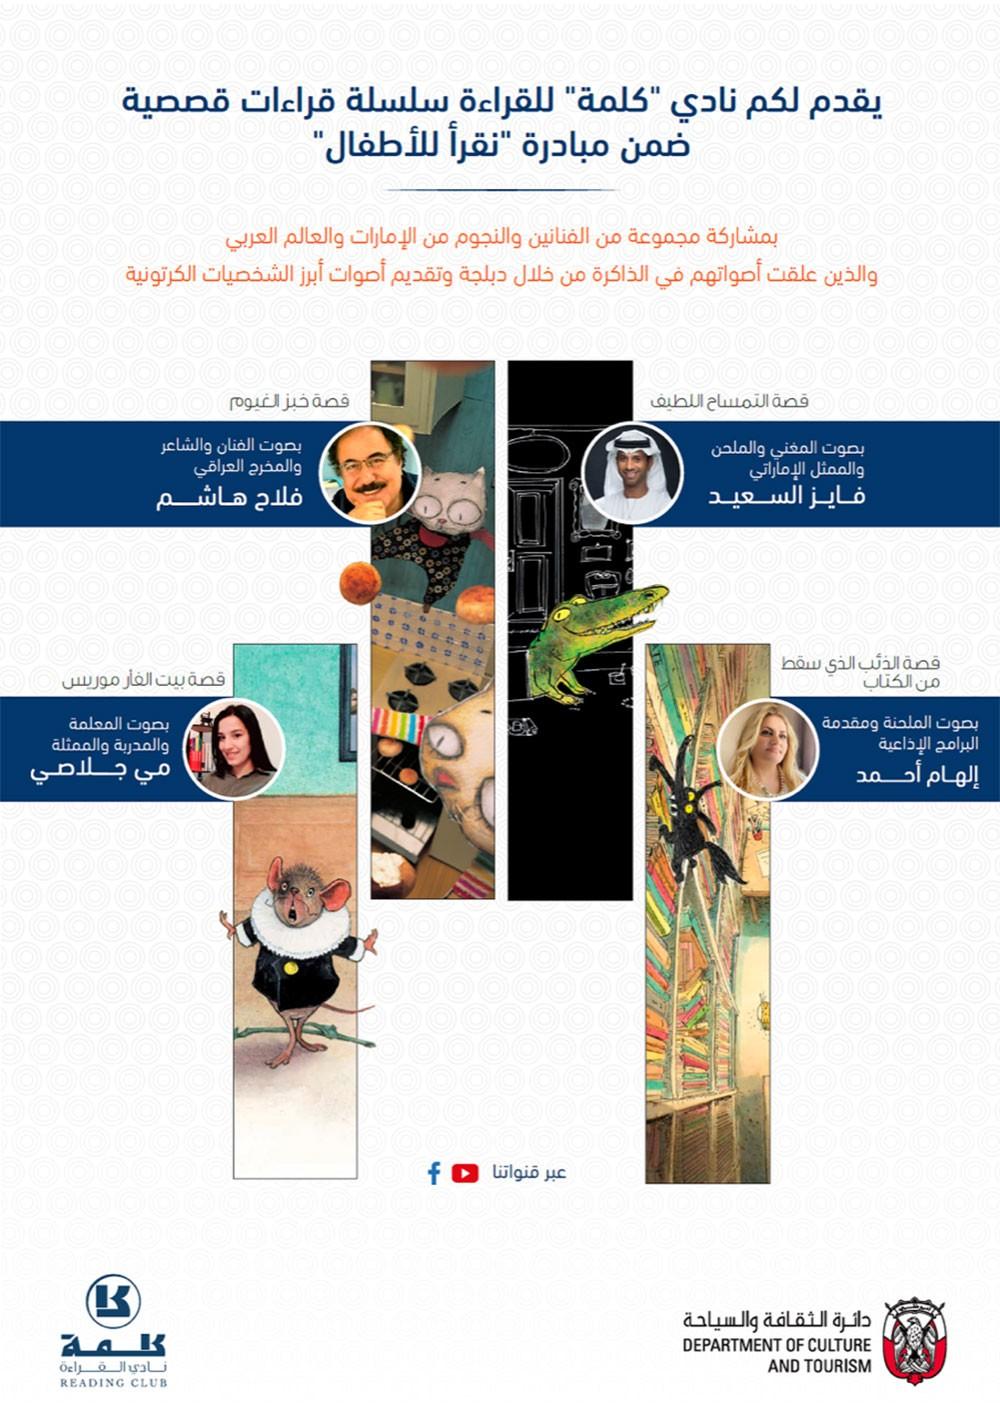 الثقافة أبوظبي تطلق قراءات قصصية للأطفال بأصوات فنانين إماراتيين وعرب